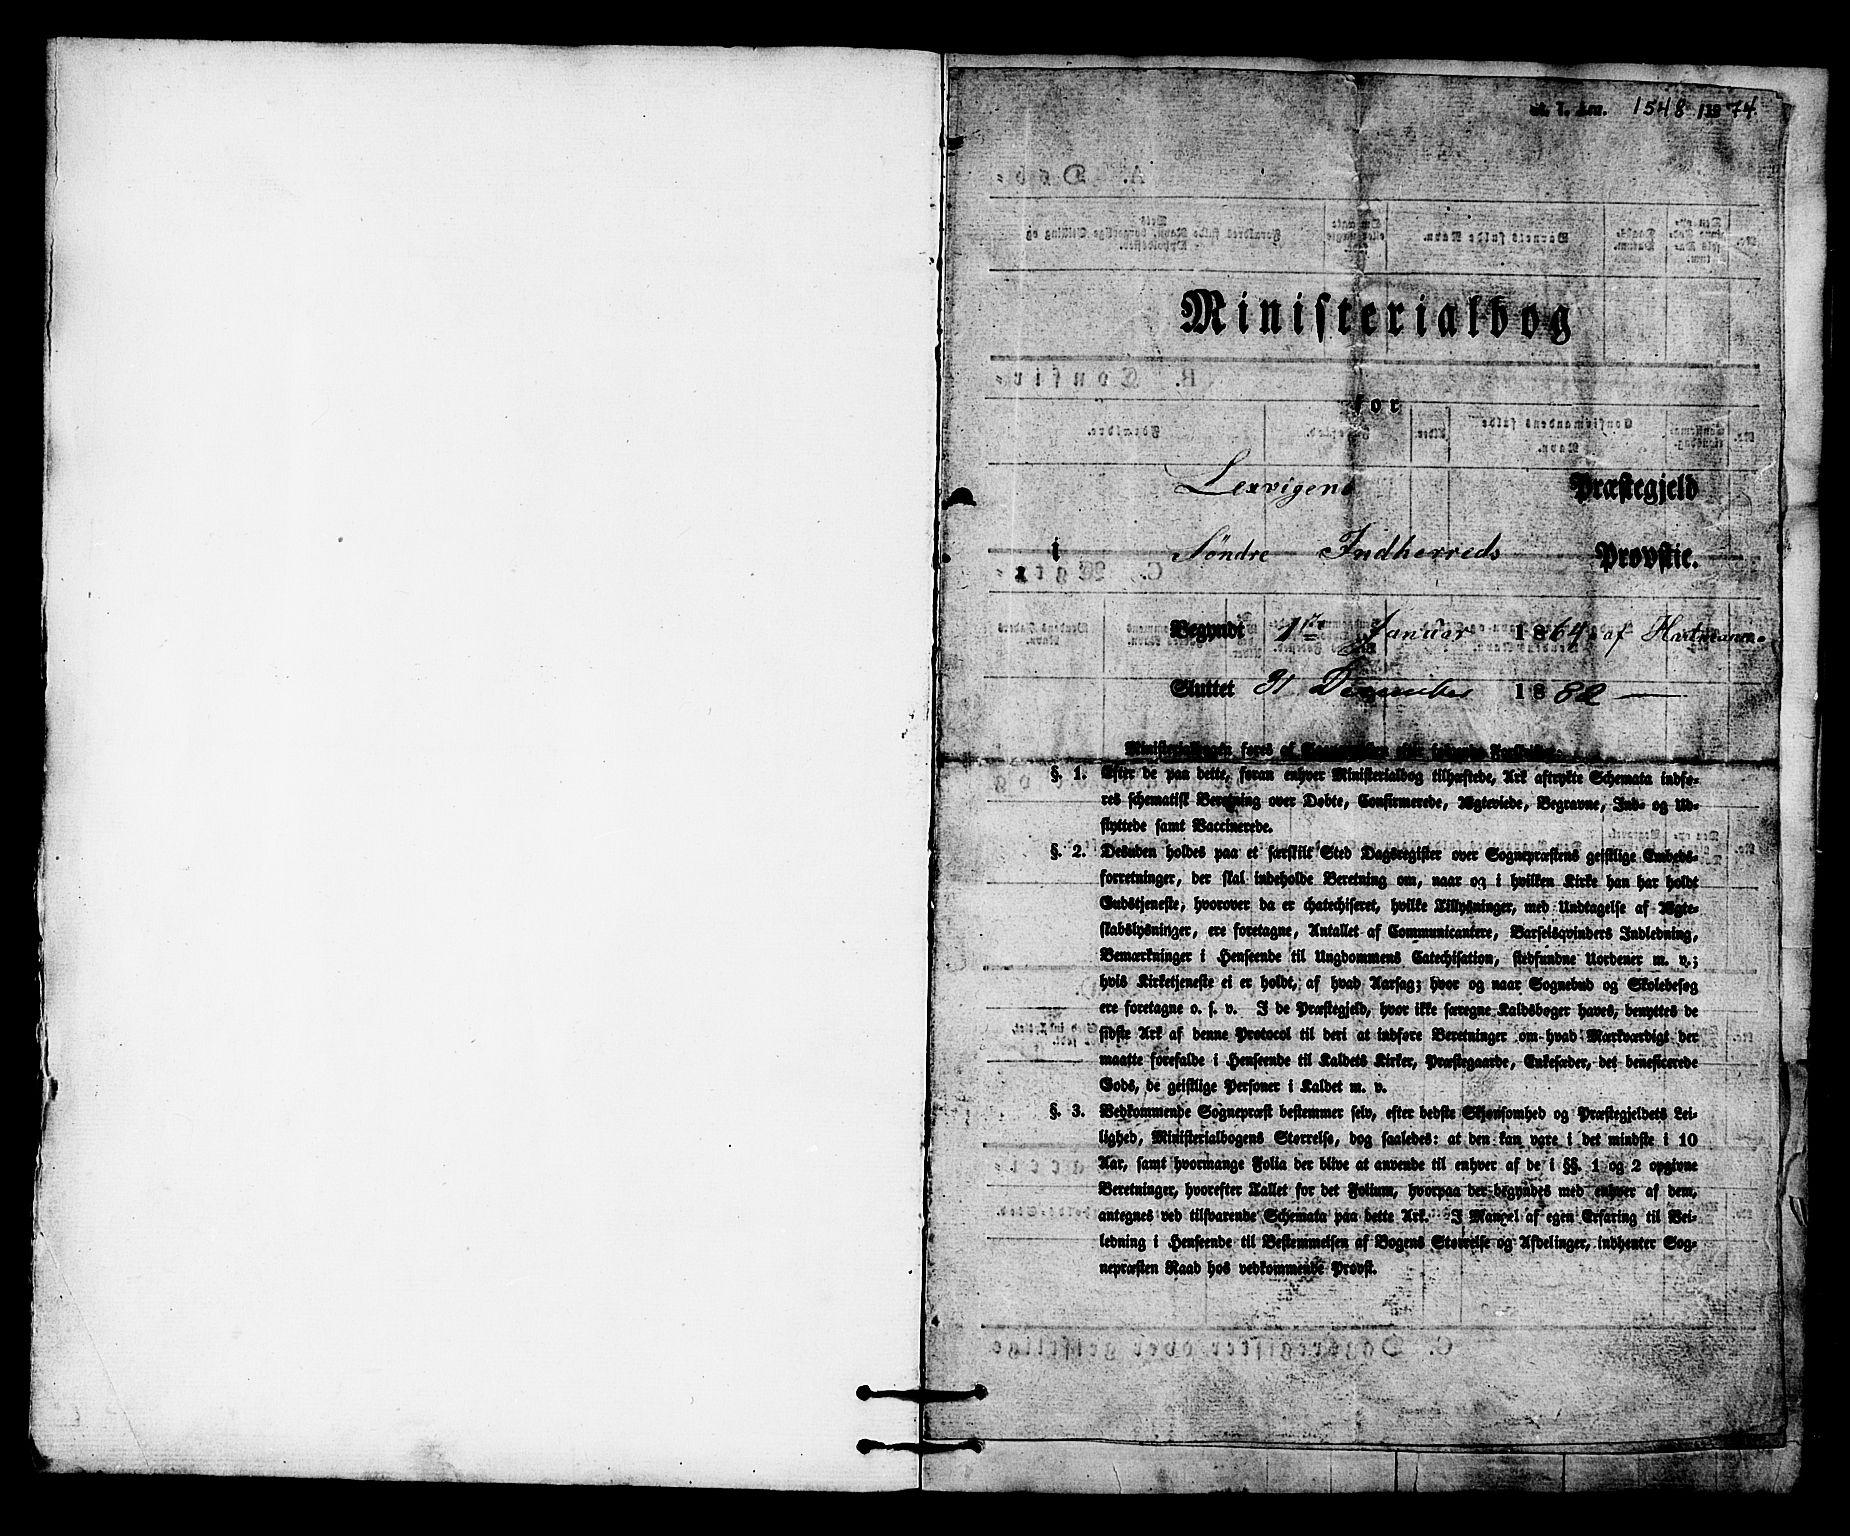 SAT, Ministerialprotokoller, klokkerbøker og fødselsregistre - Nord-Trøndelag, 701/L0009: Ministerialbok nr. 701A09 /2, 1864-1882